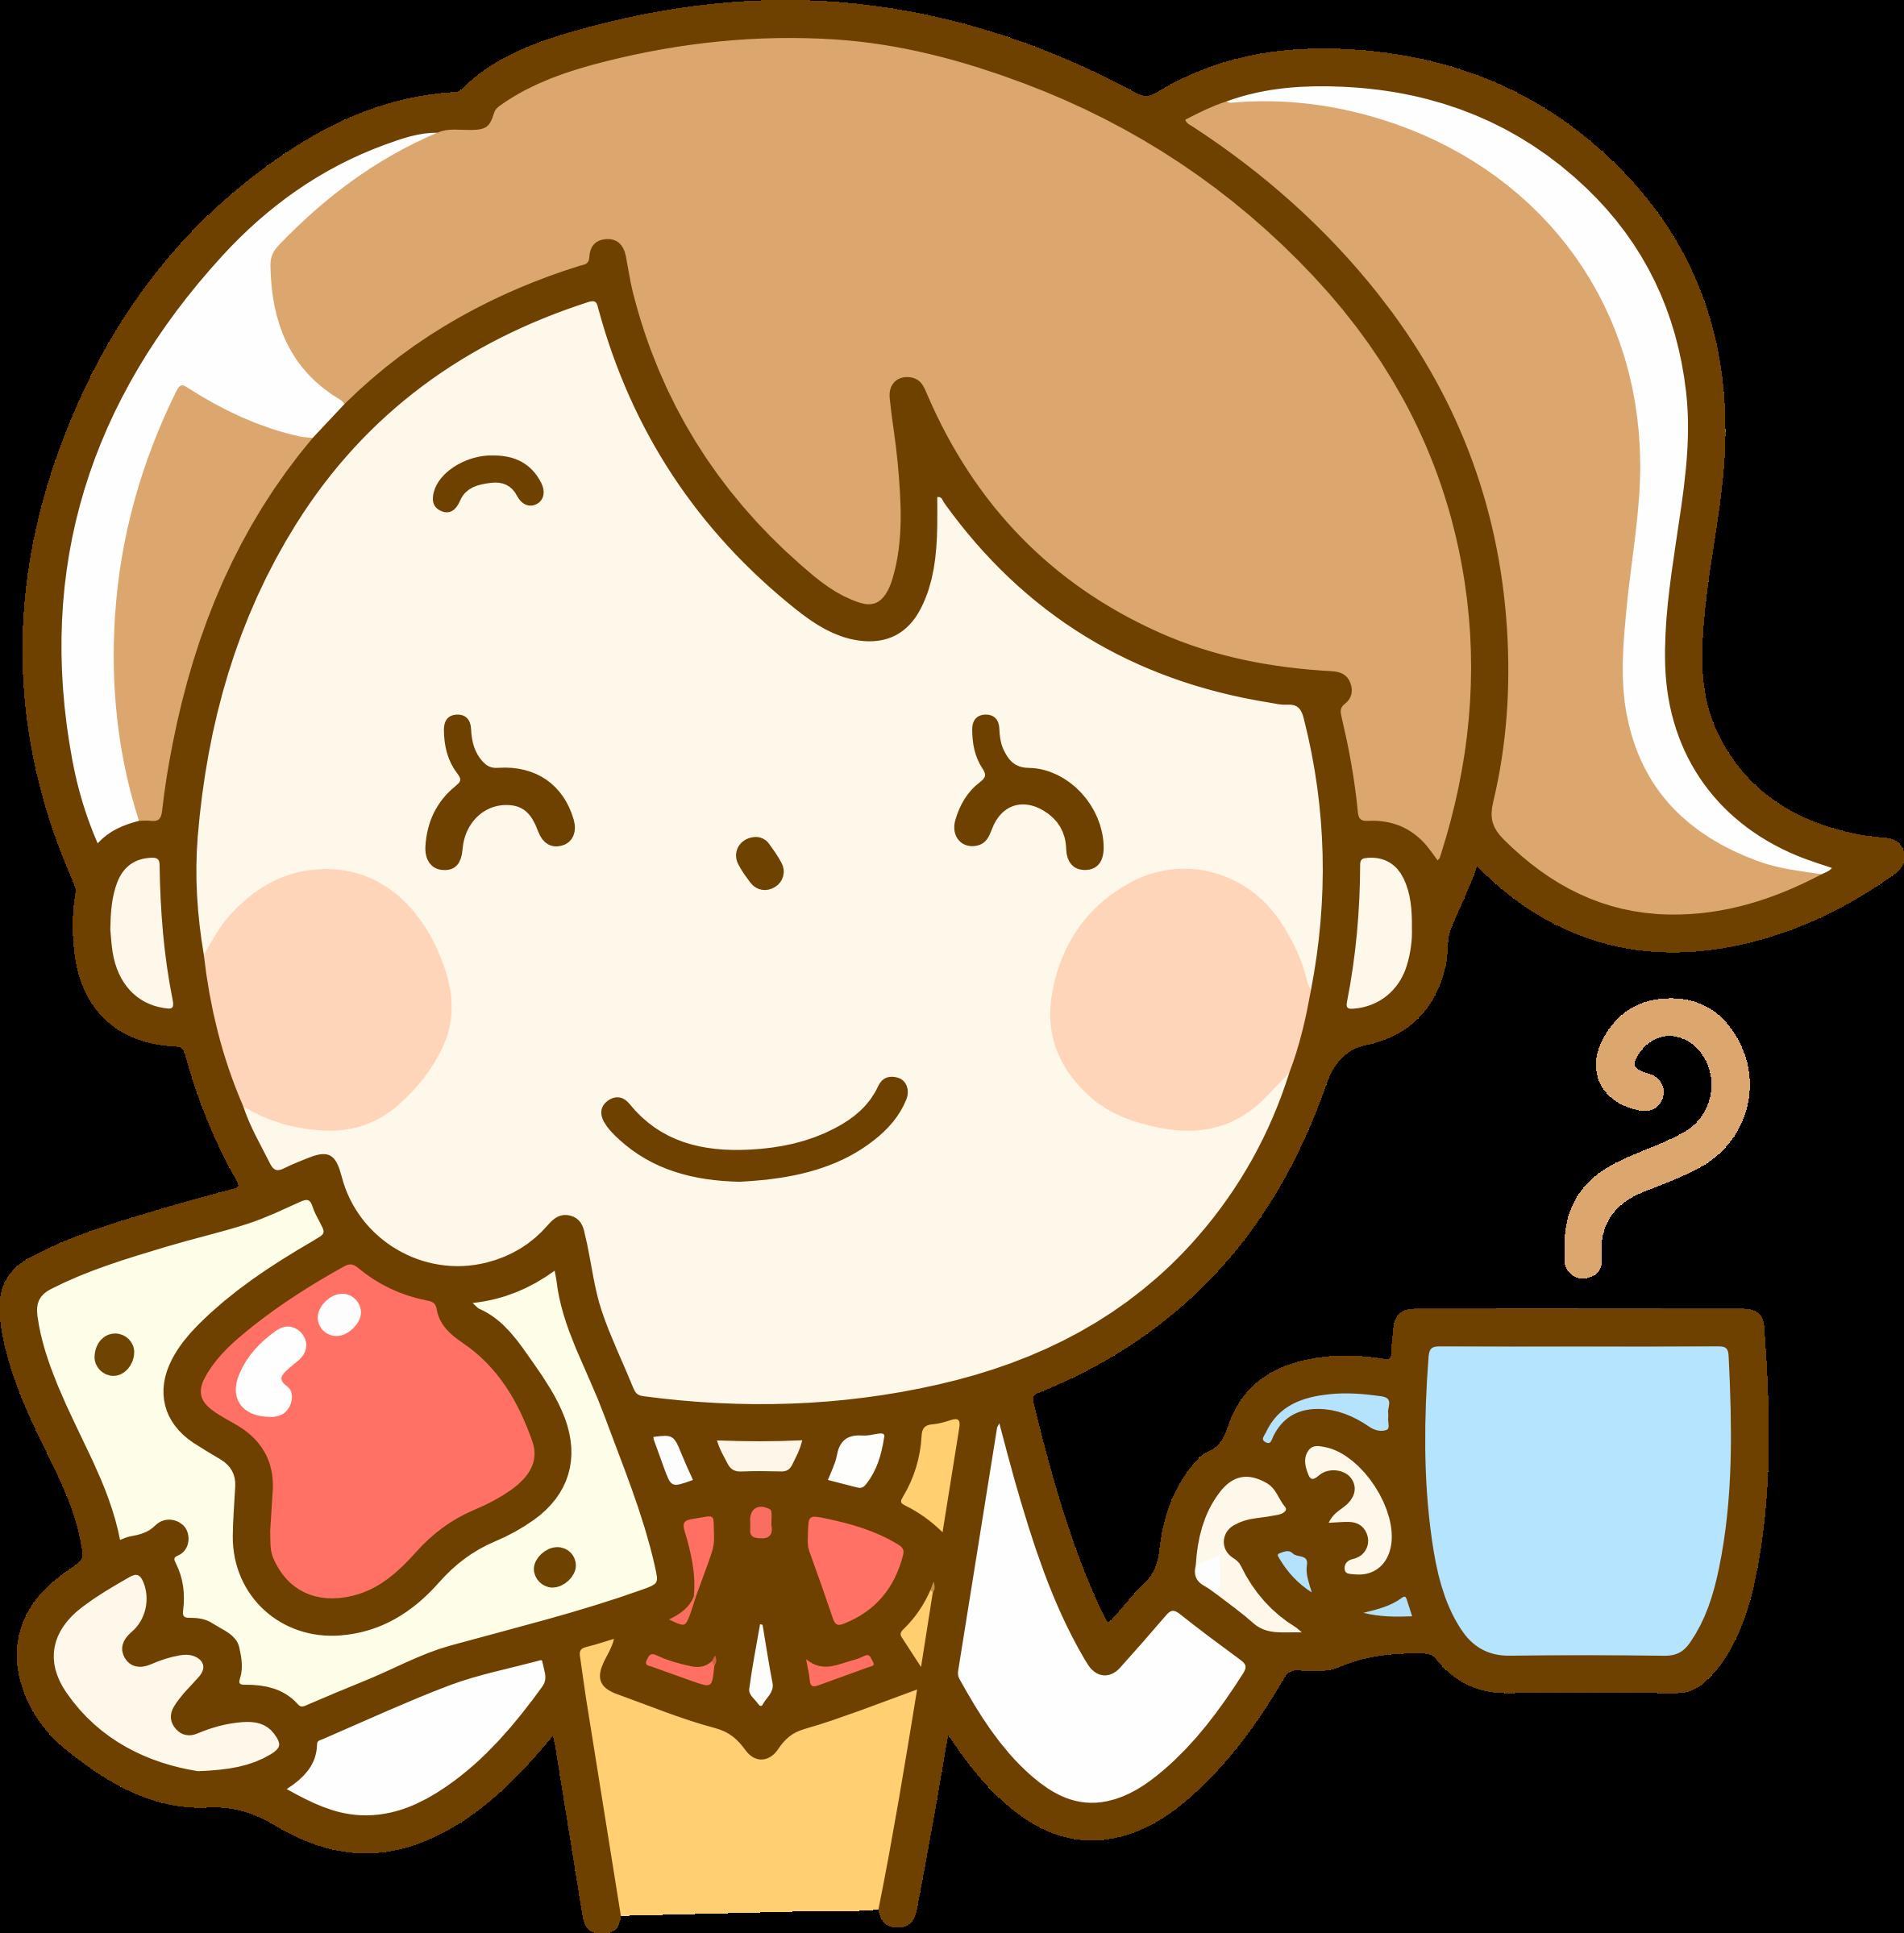 Eating clipart girl eating, Eating girl eating Transparent ... (2362 x 2398 Pixel)